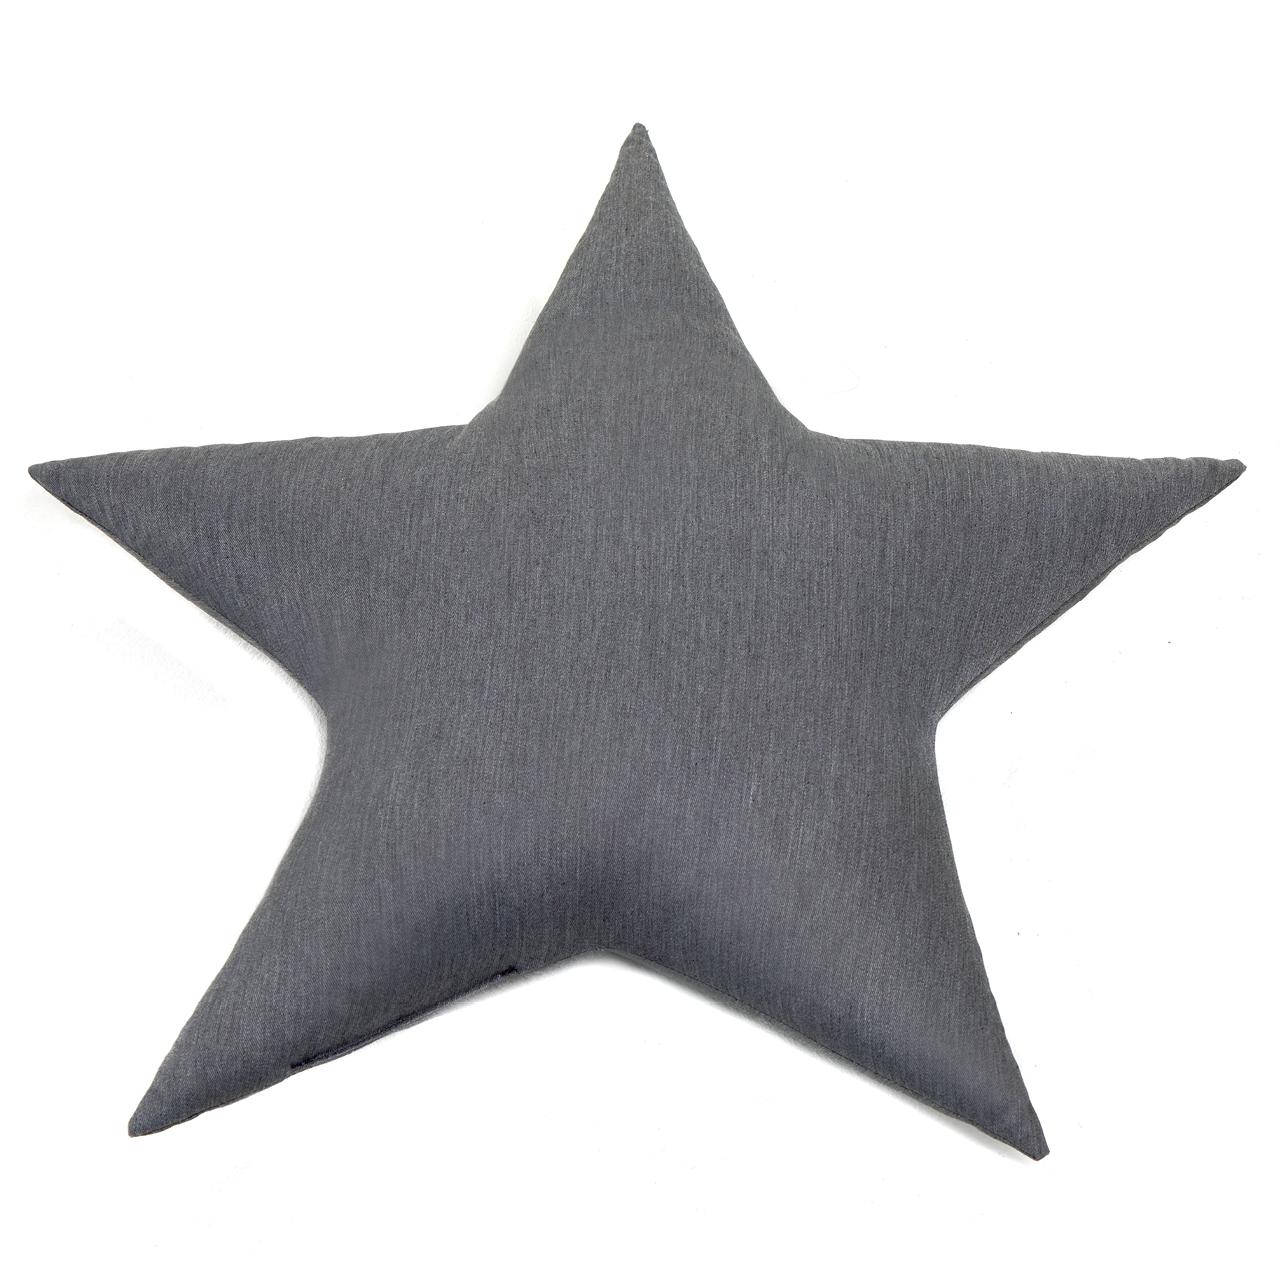 Toy Star one size grau